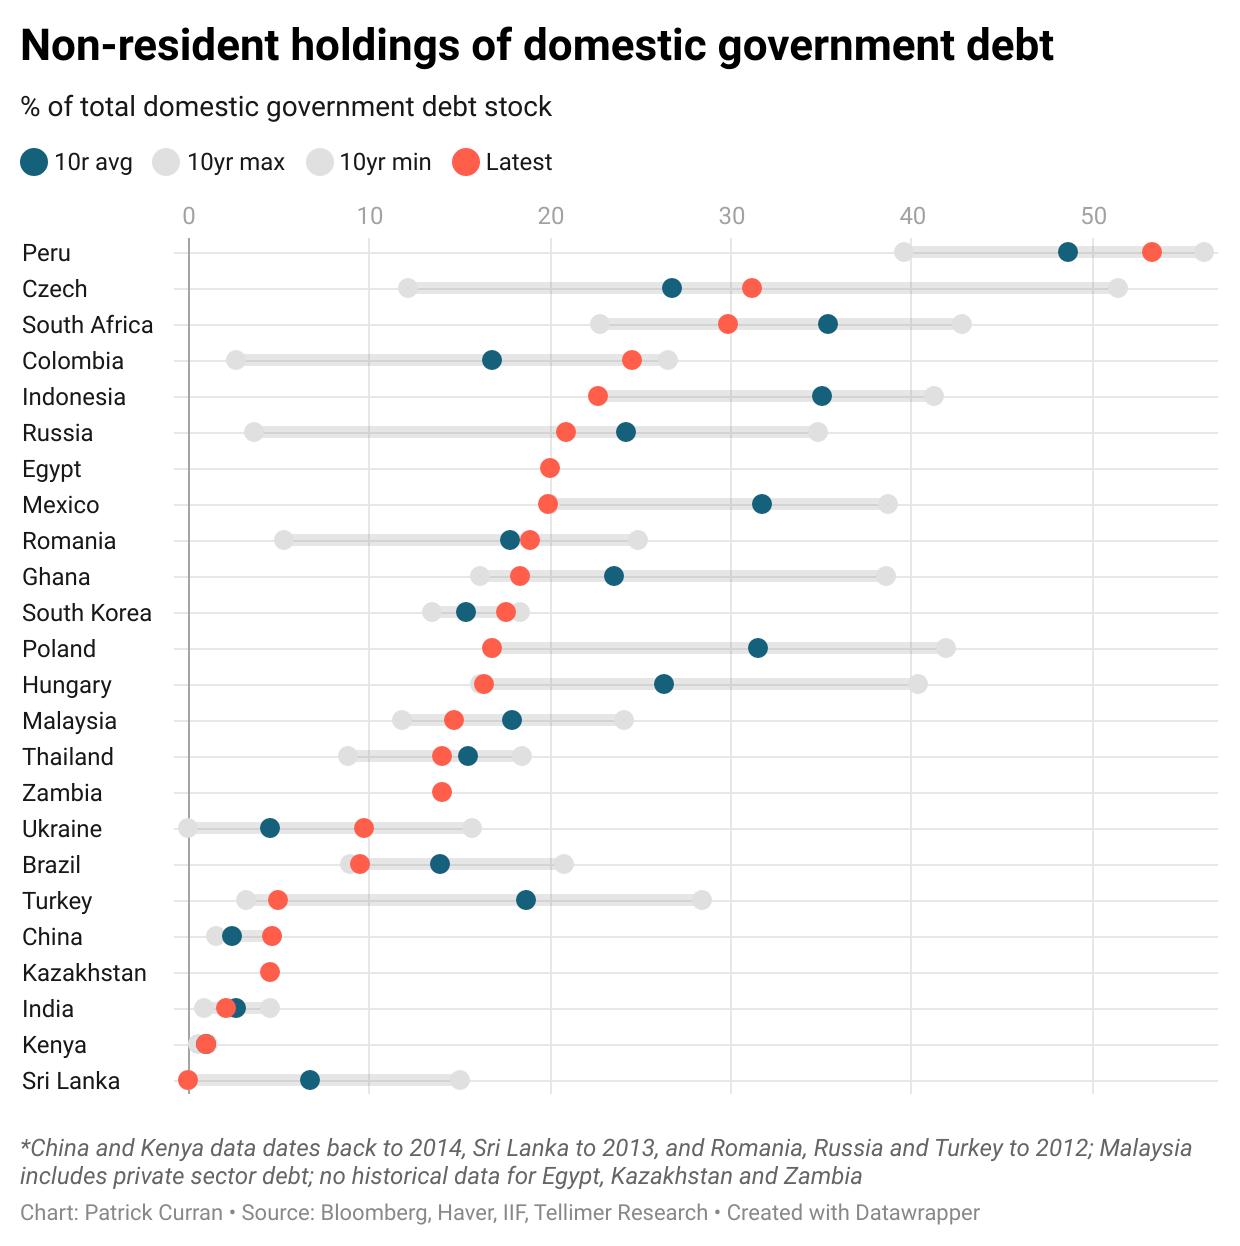 Non-resident holdings vs history